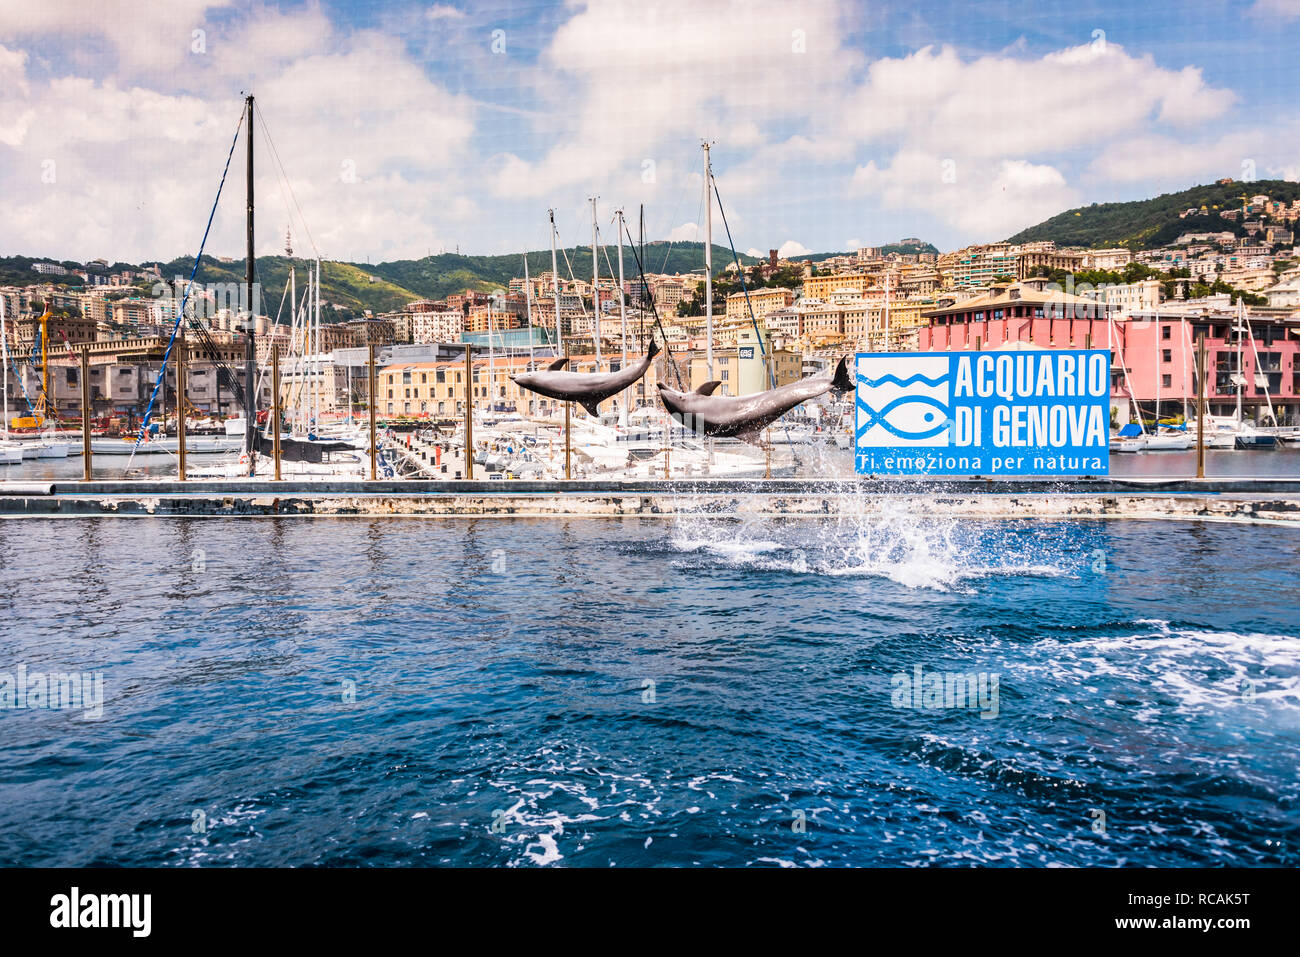 Bottlenose dolphin (Tursiops truncatus) Acquario di Genova, The largest Aquarium in Europe, Porto Antico (Genoa), Liguria, Italy, Europe - Stock Image